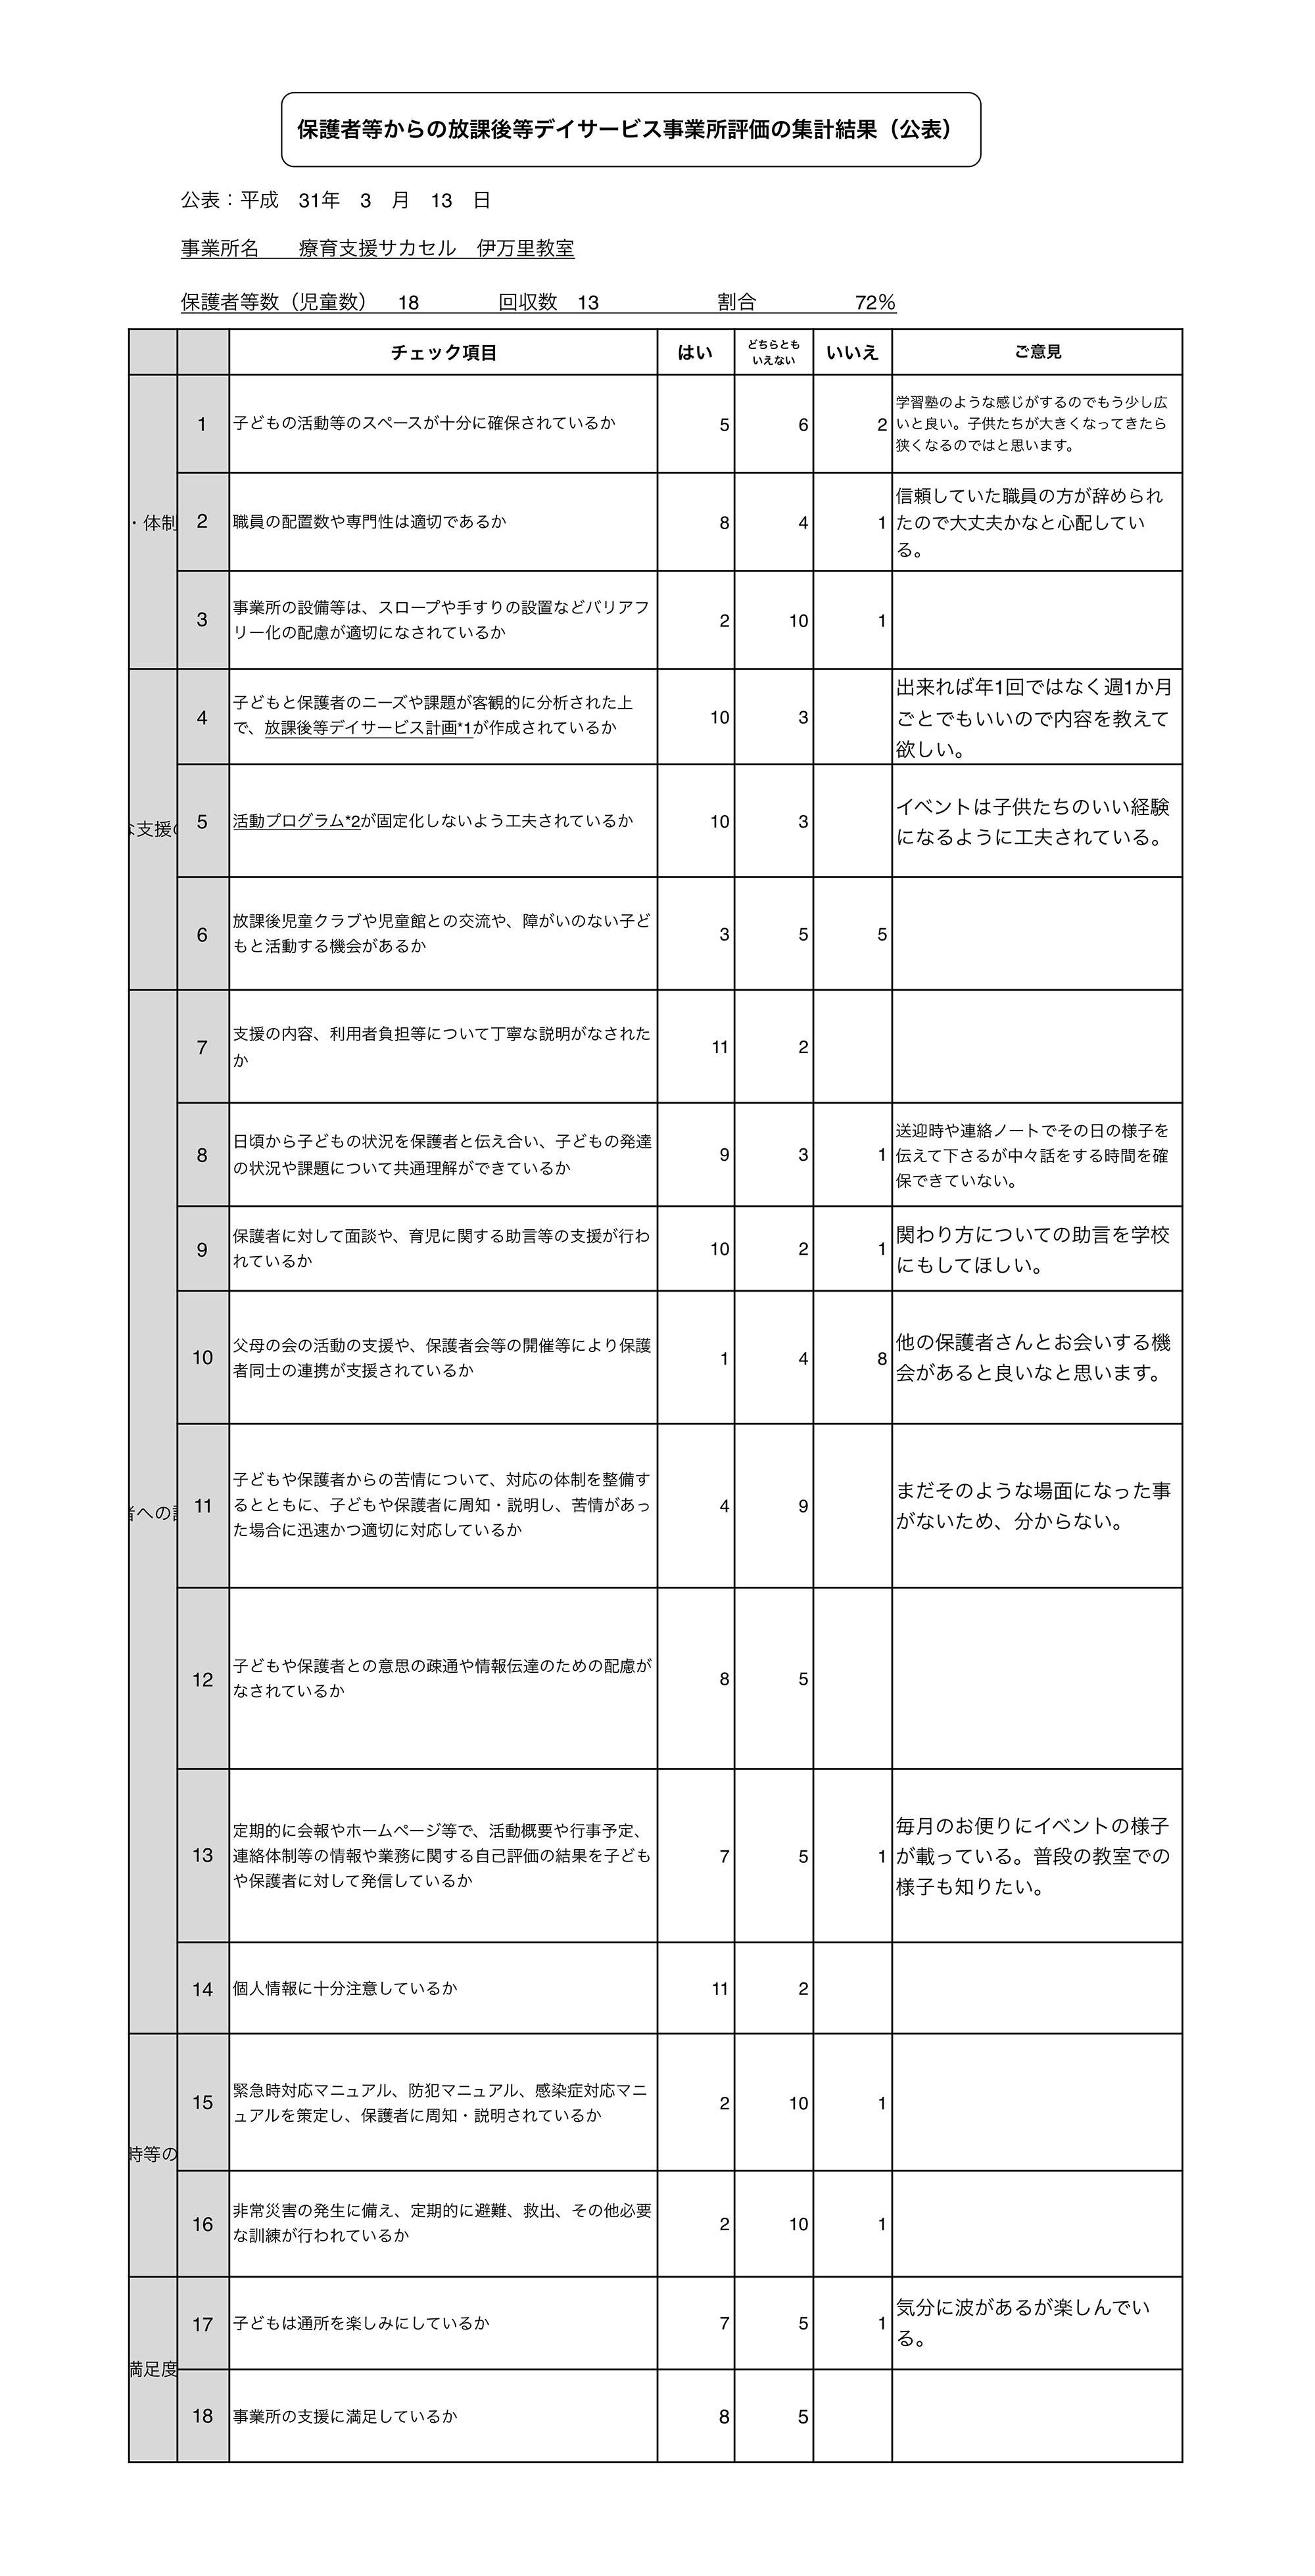 保護者様アンケート(伊万里)